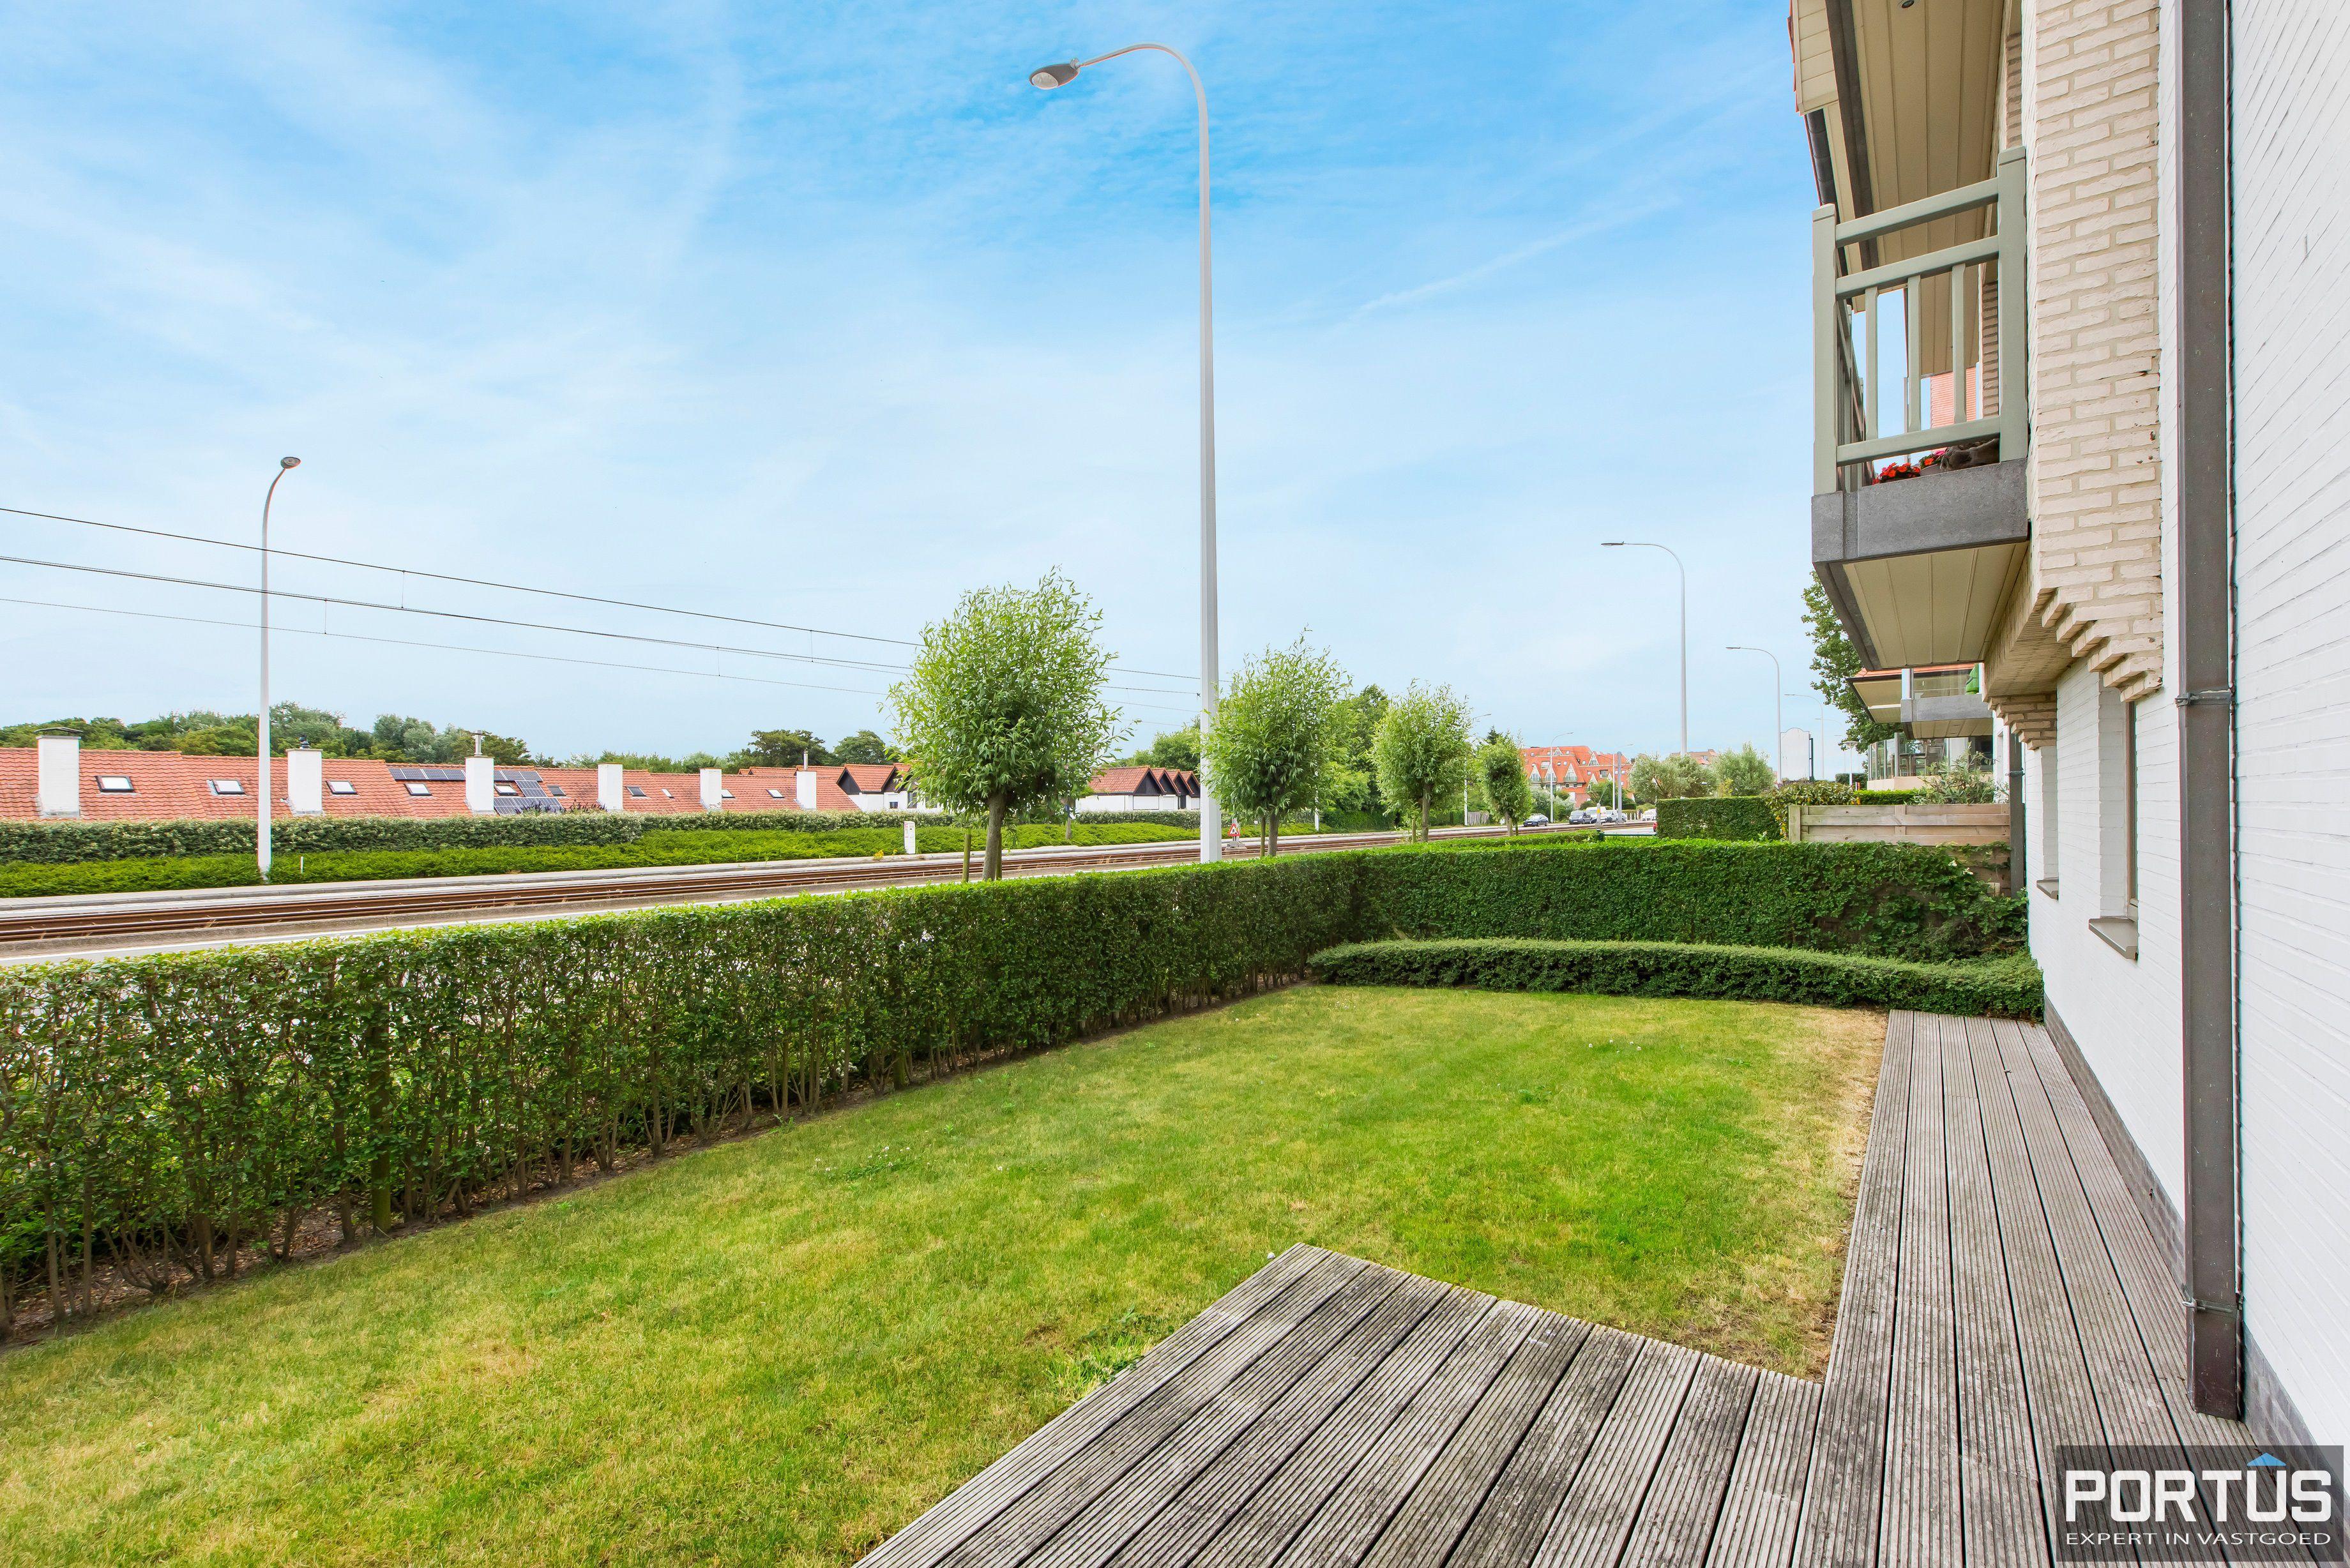 Gelijkvloers appartement te koop met 2 slaapkamers en privé tuin - 9845